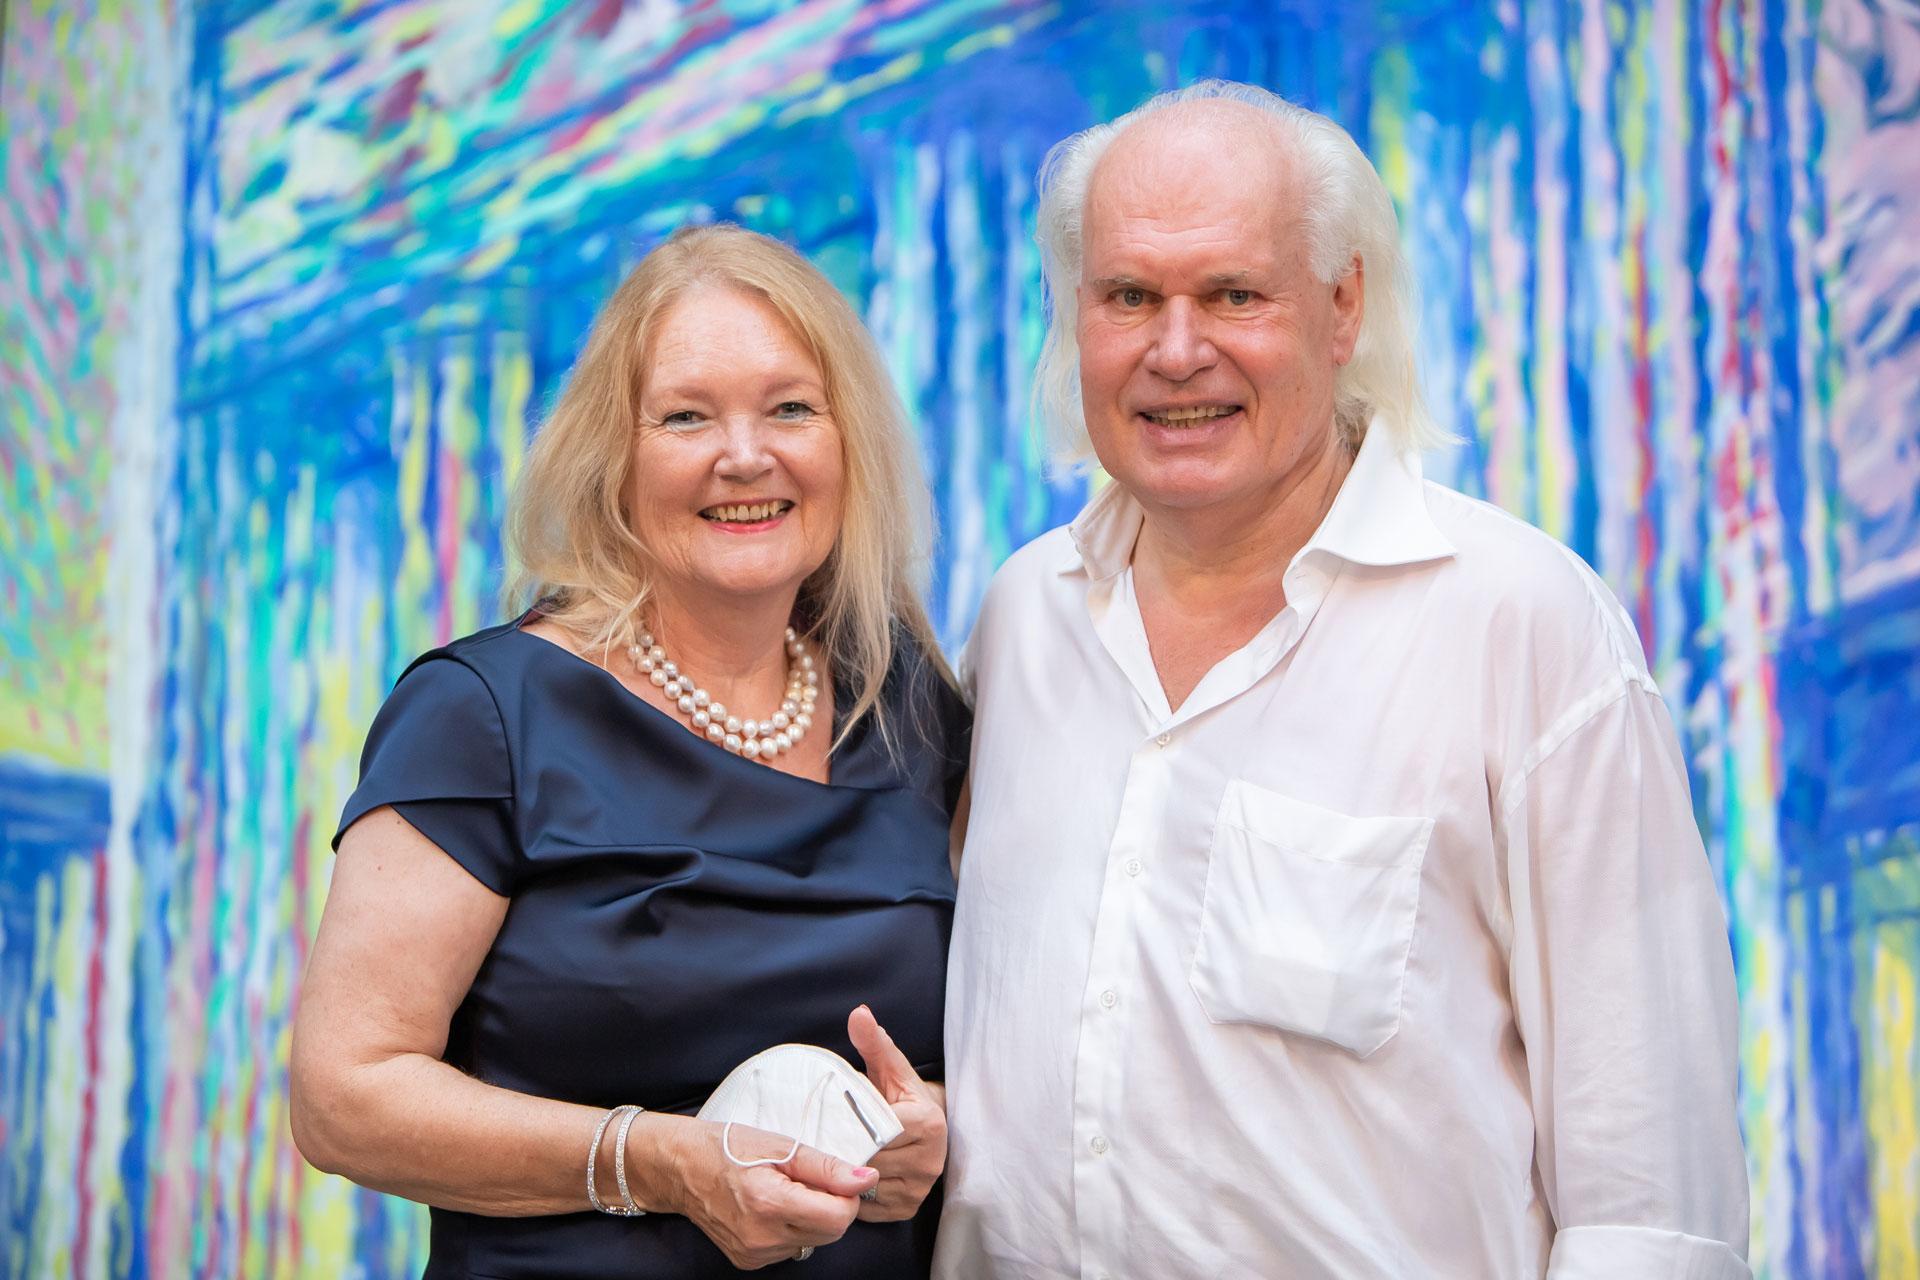 Rolf Lukaschewski und seine Frau Monika bei ihrer Ausstellungseröffnung 2020 in der Kulturkirche Ost in Köln